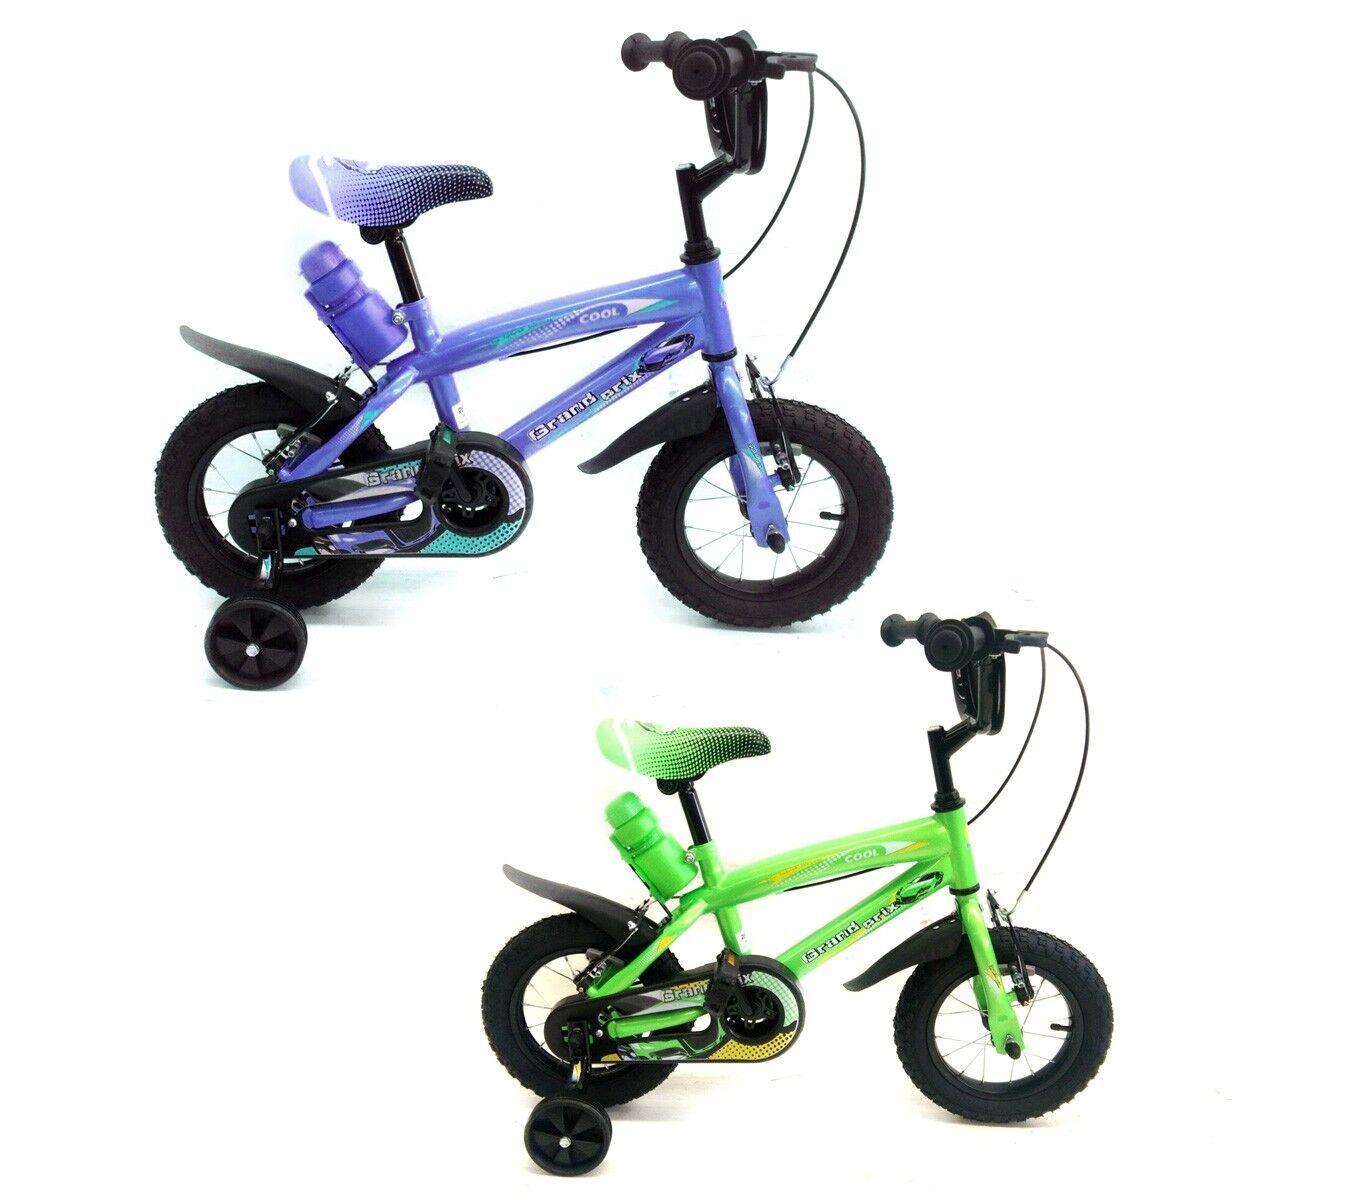 Bicicletta bambino GRAN PRIX taglia  12 RS1212 bici bimbo RESET età 2 - 5 anni  designer online